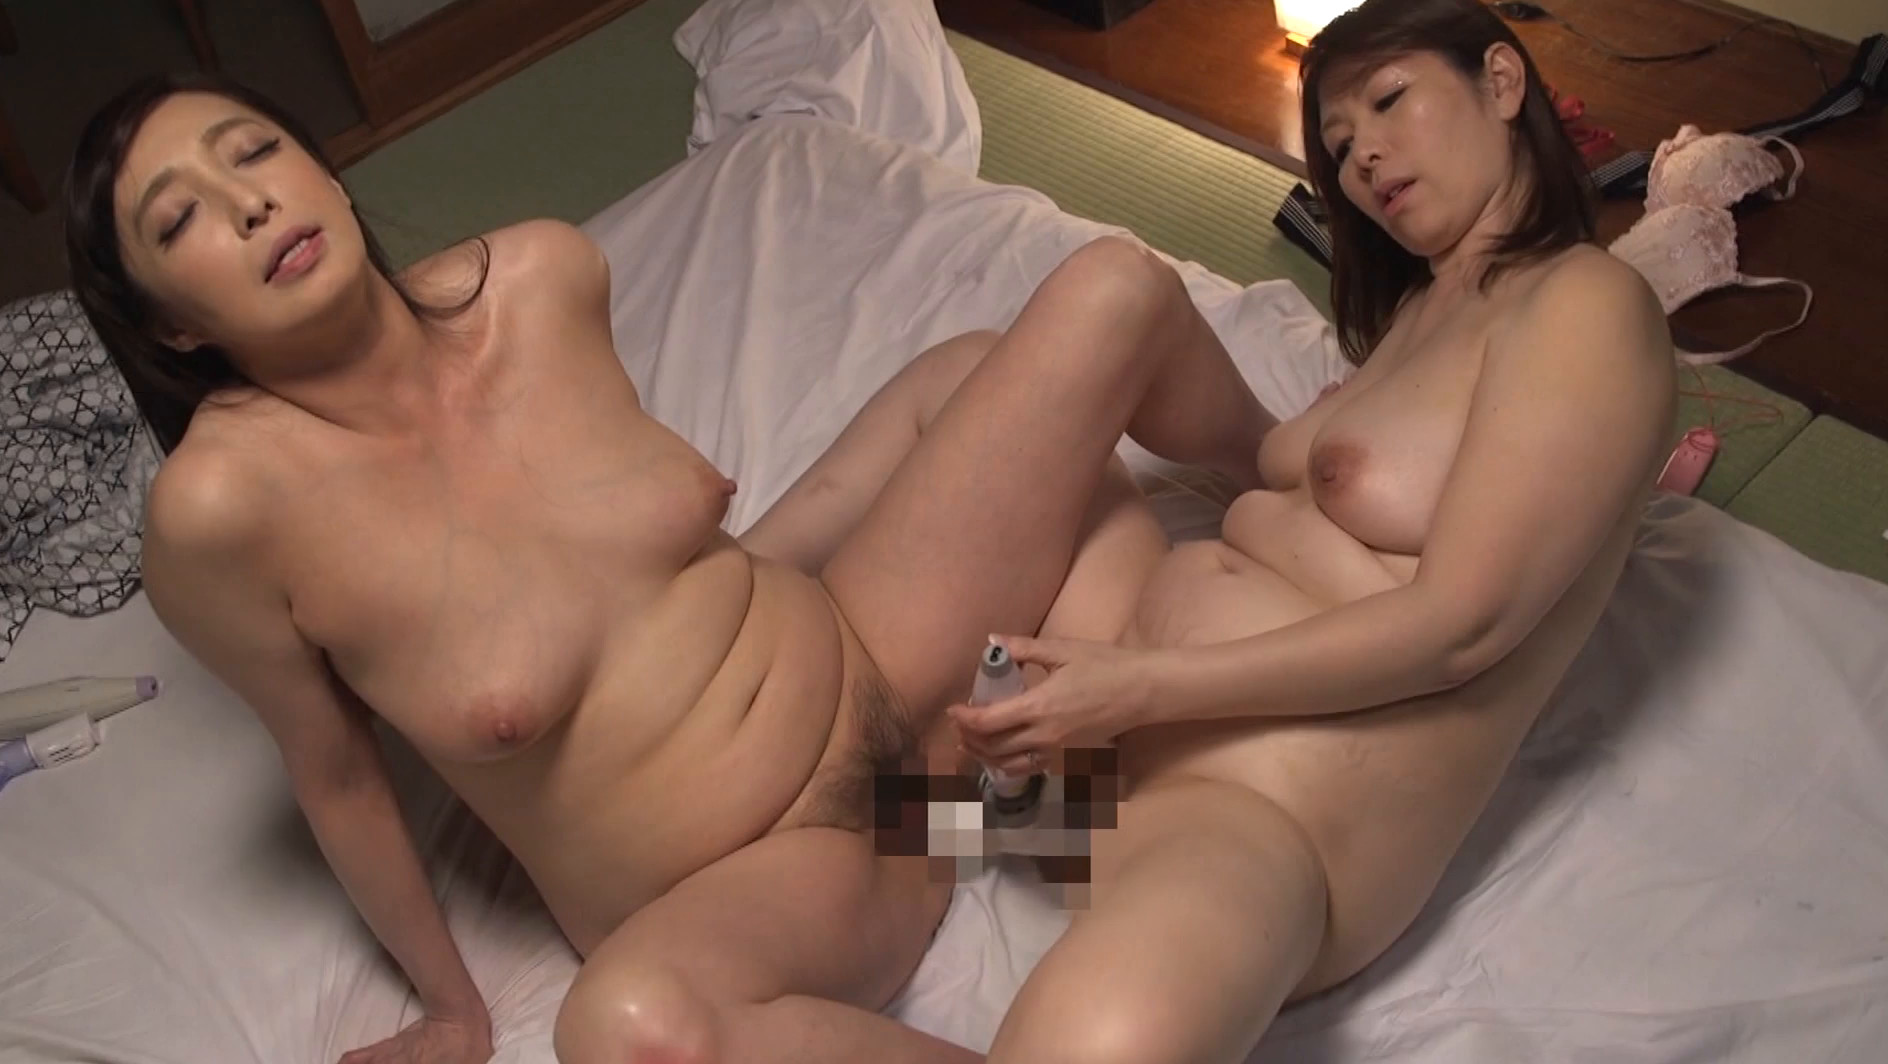 五十路レズビアン 美熟女たちの饗宴 絡み合う舌先と完熟マ●コ濃密性交,のサンプル画像6